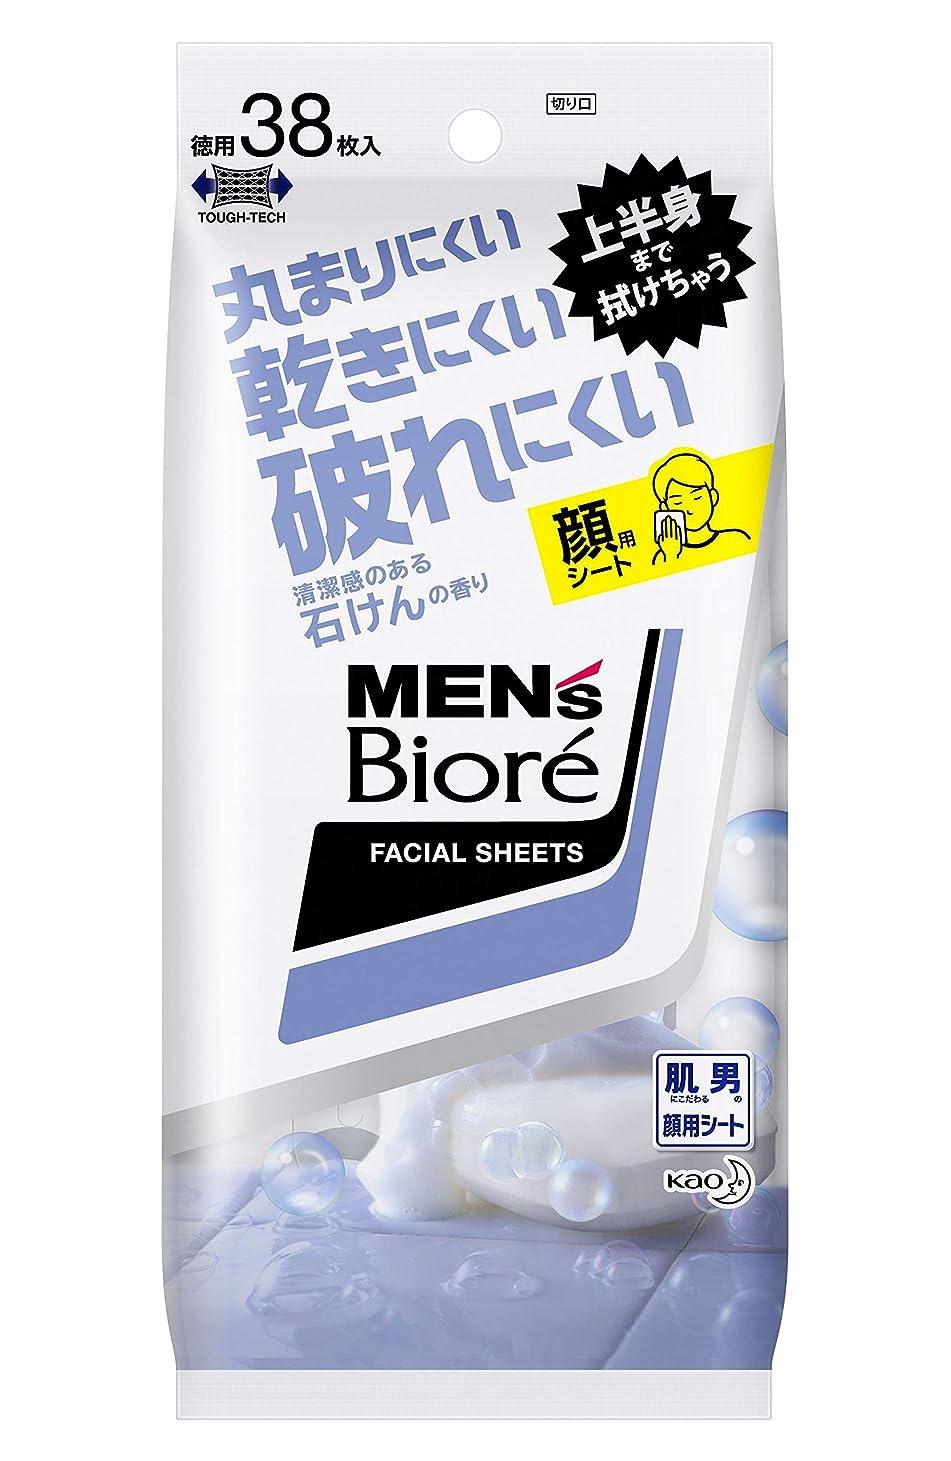 留め金害虫人類メンズビオレ 洗顔シート 清潔感のある石けんの香り <卓上タイプ> 38枚入